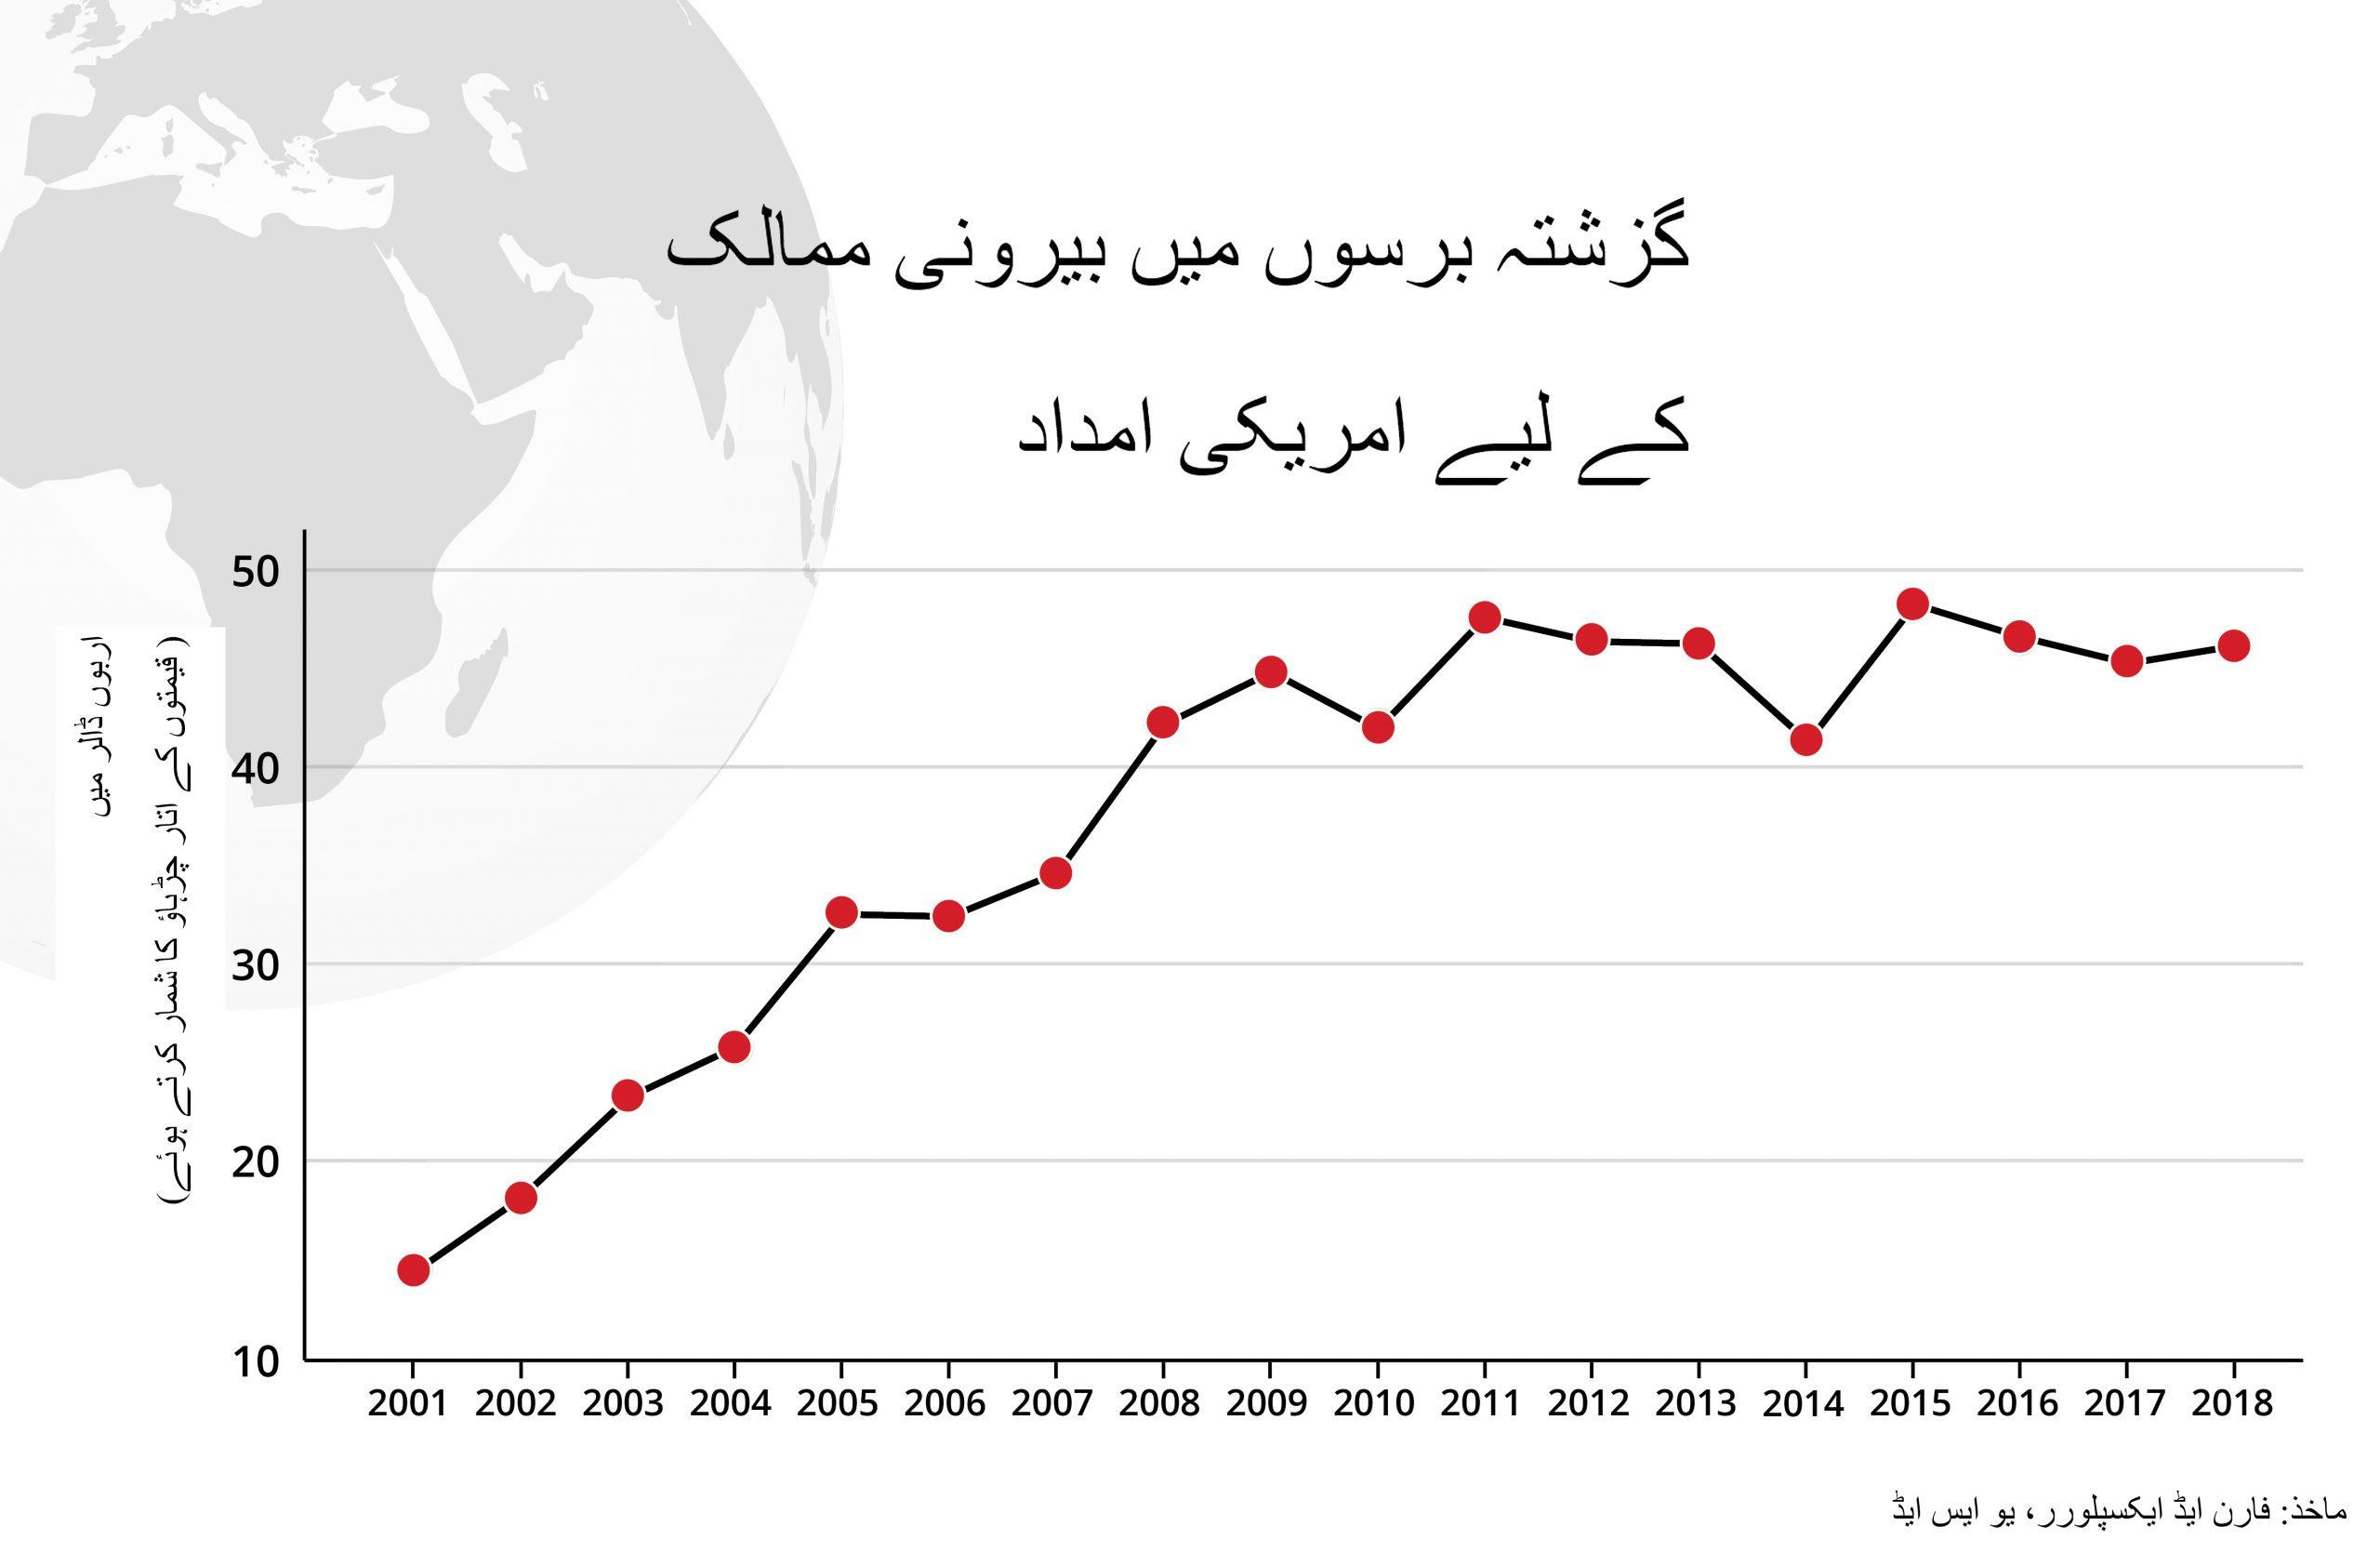 لائن کی شکل کا گراف جس میں 2001 سے لے کر 2018 کے مالی سالوں کے دوران بیرونی ممالک کو دی جانے والی امداد دکھائی گئی ہے۔ (Source: Foreign Aid Explorer, USAID)